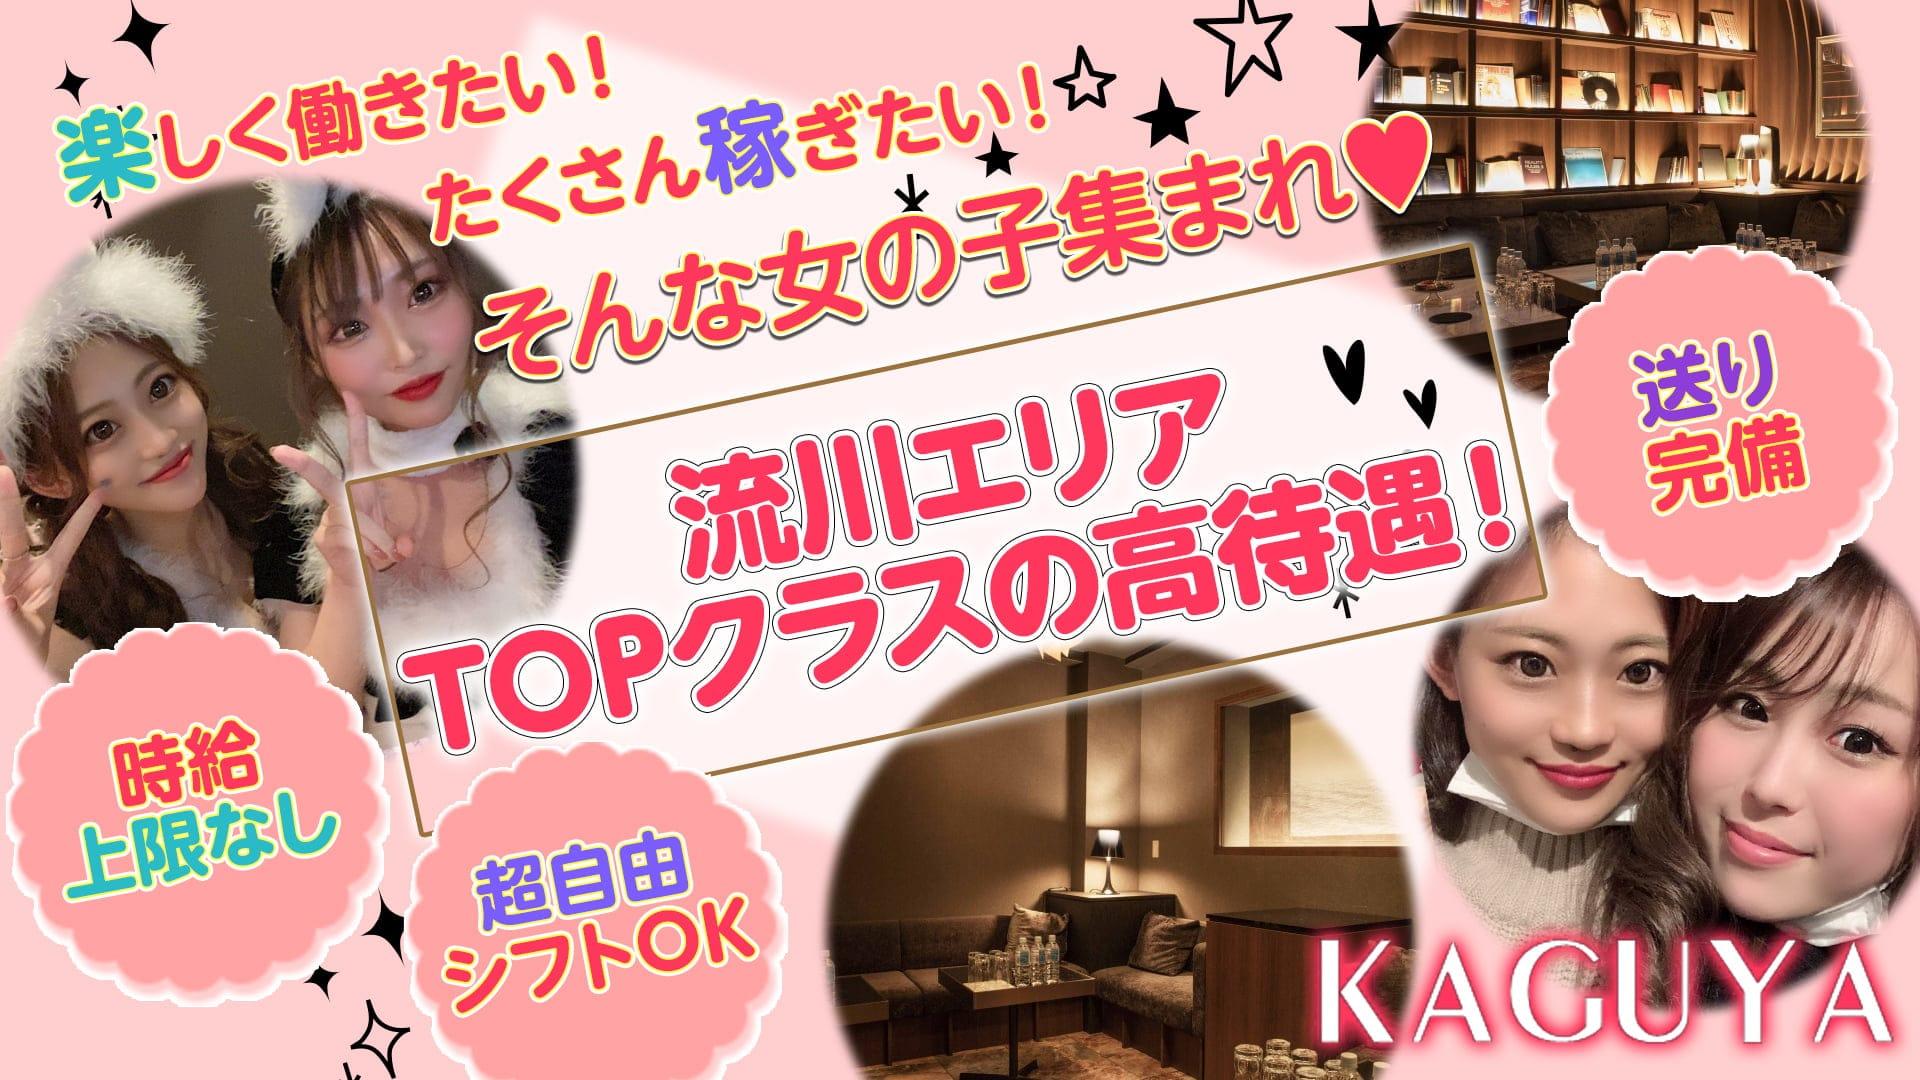 KAGUYA(カグヤ)【公式求人・体入情報】 流川ラウンジ TOP画像